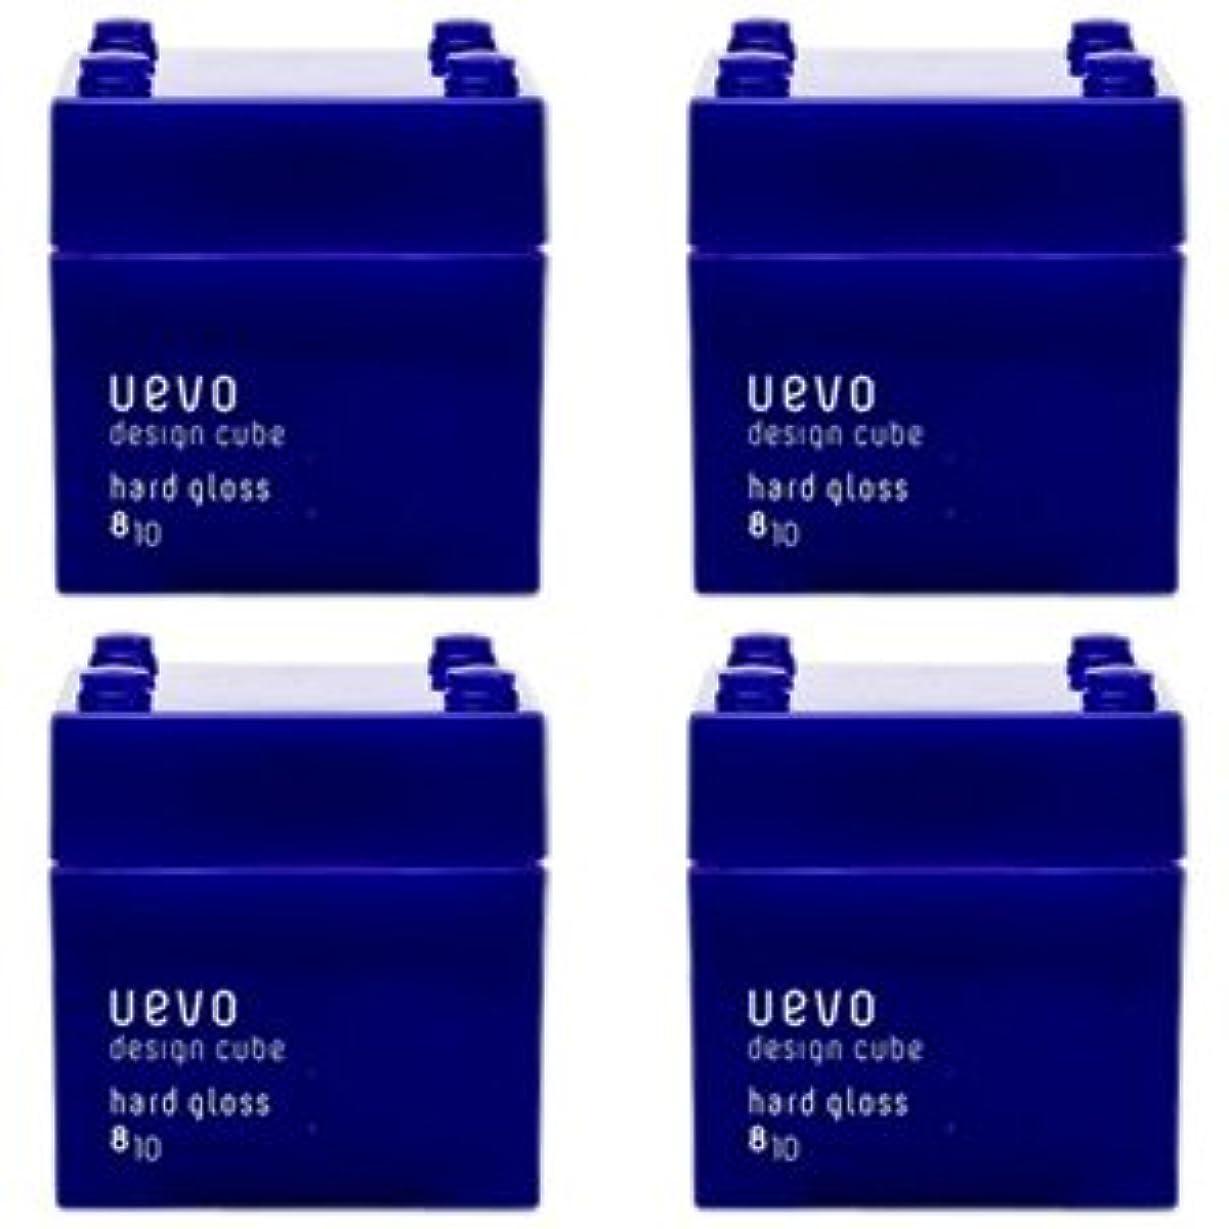 押し下げるバンシャー【X4個セット】 デミ ウェーボ デザインキューブ ハードグロス 80g hard gloss DEMI uevo design cube